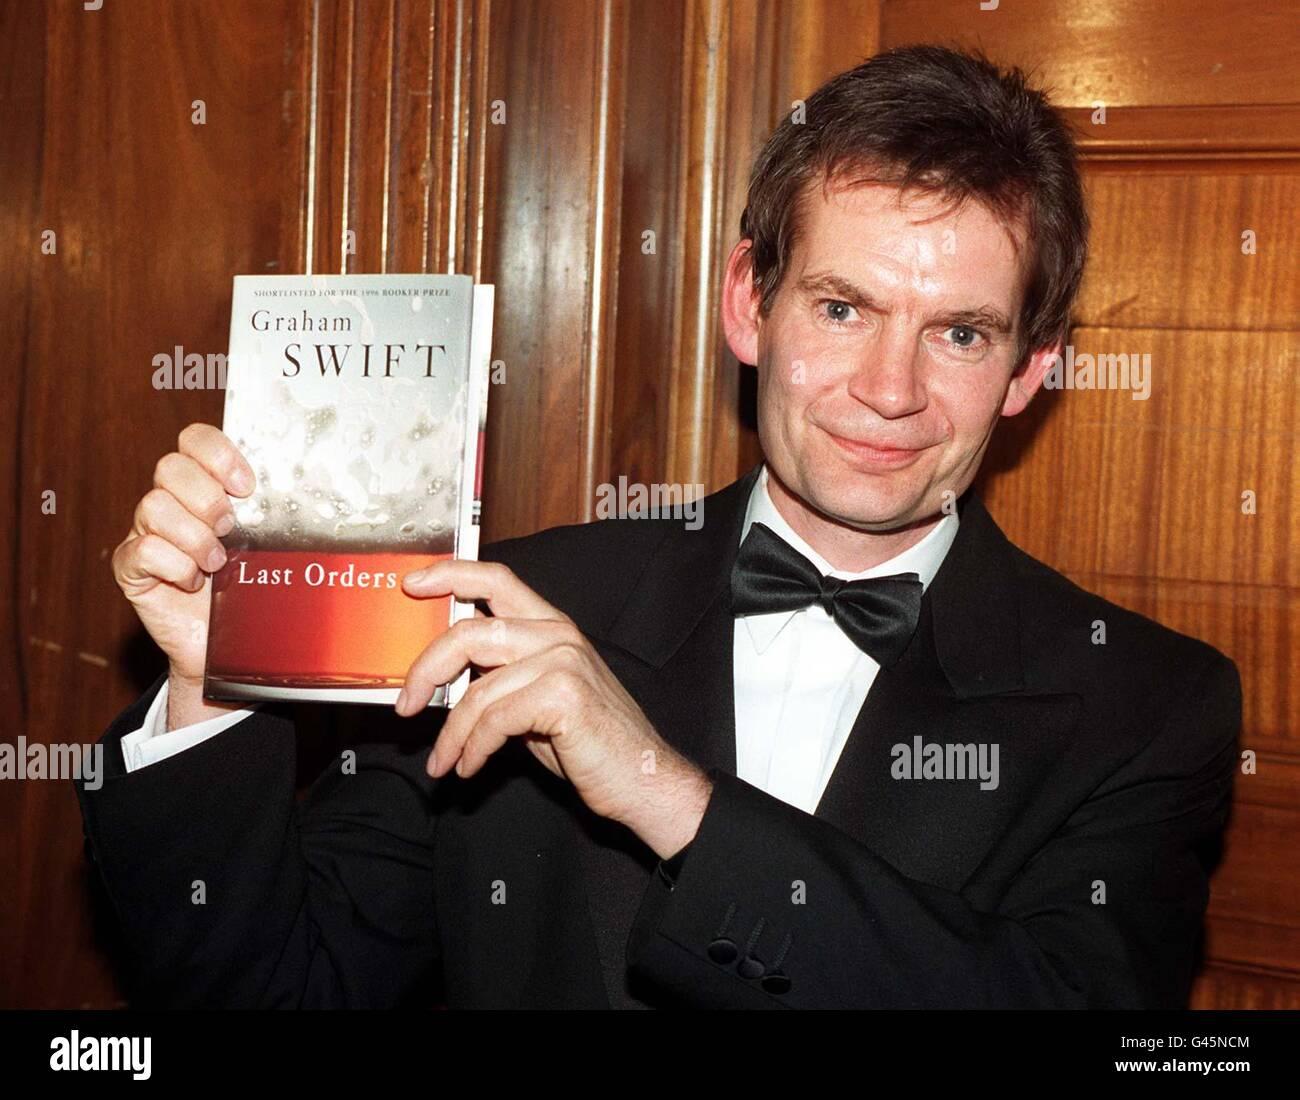 Graham Swift/Booker winner - Stock Image